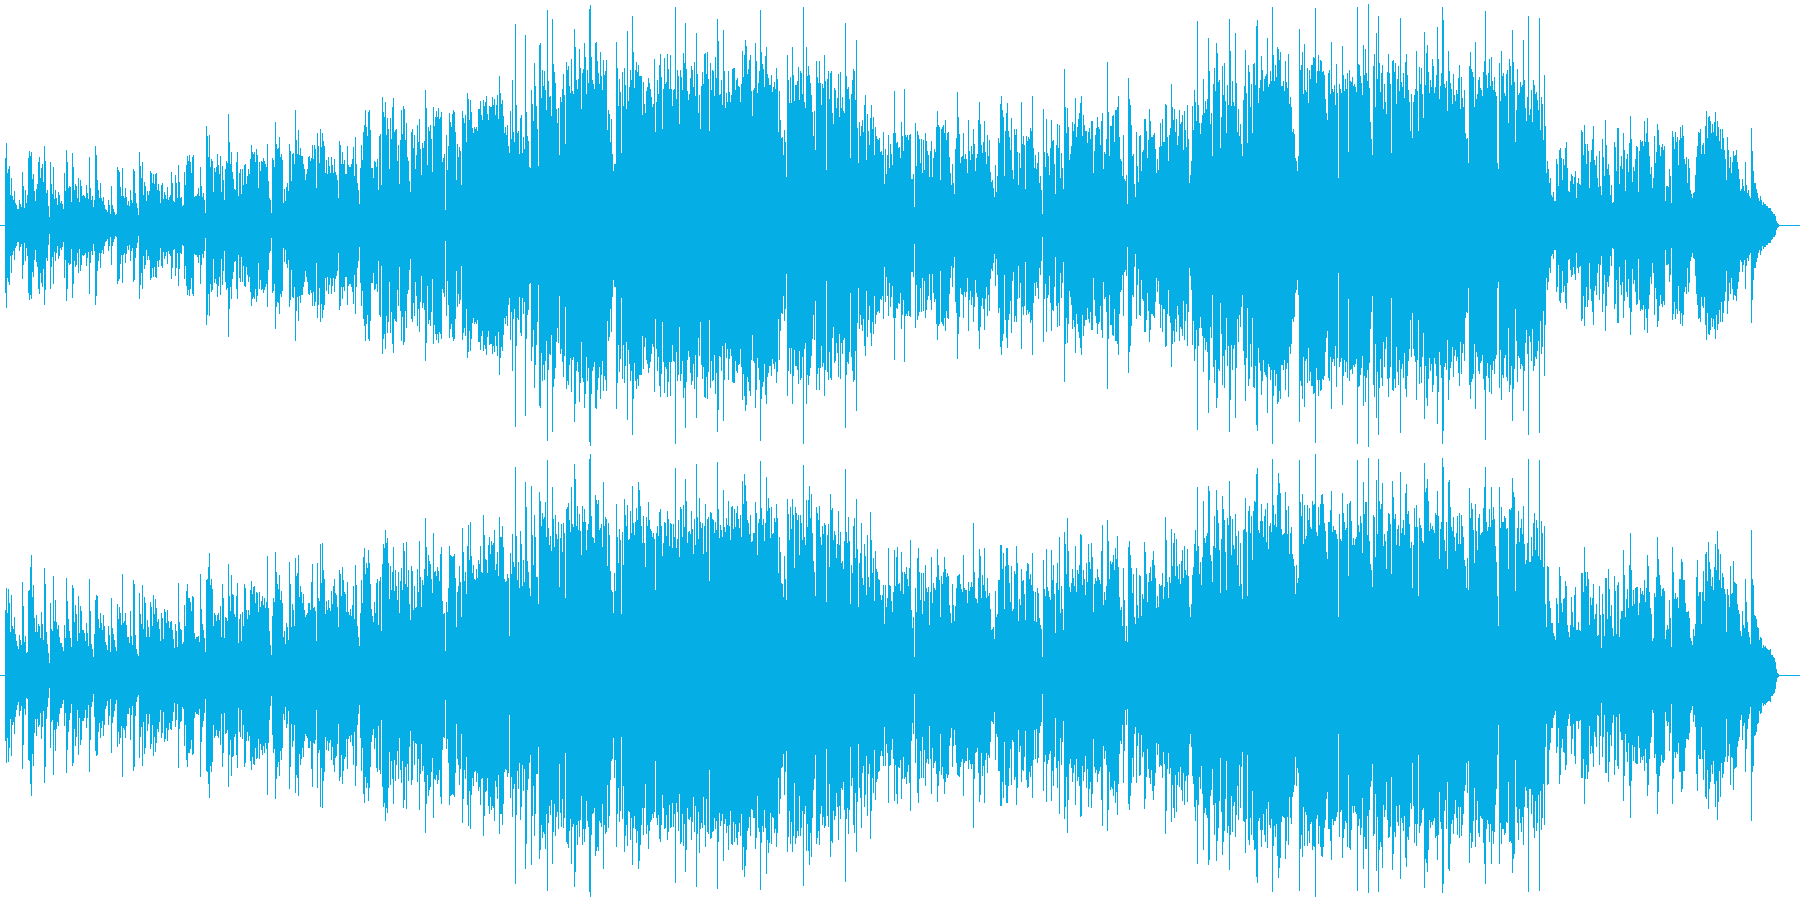 ハーモニカ生演奏哀愁漂うポップバラードの再生済みの波形